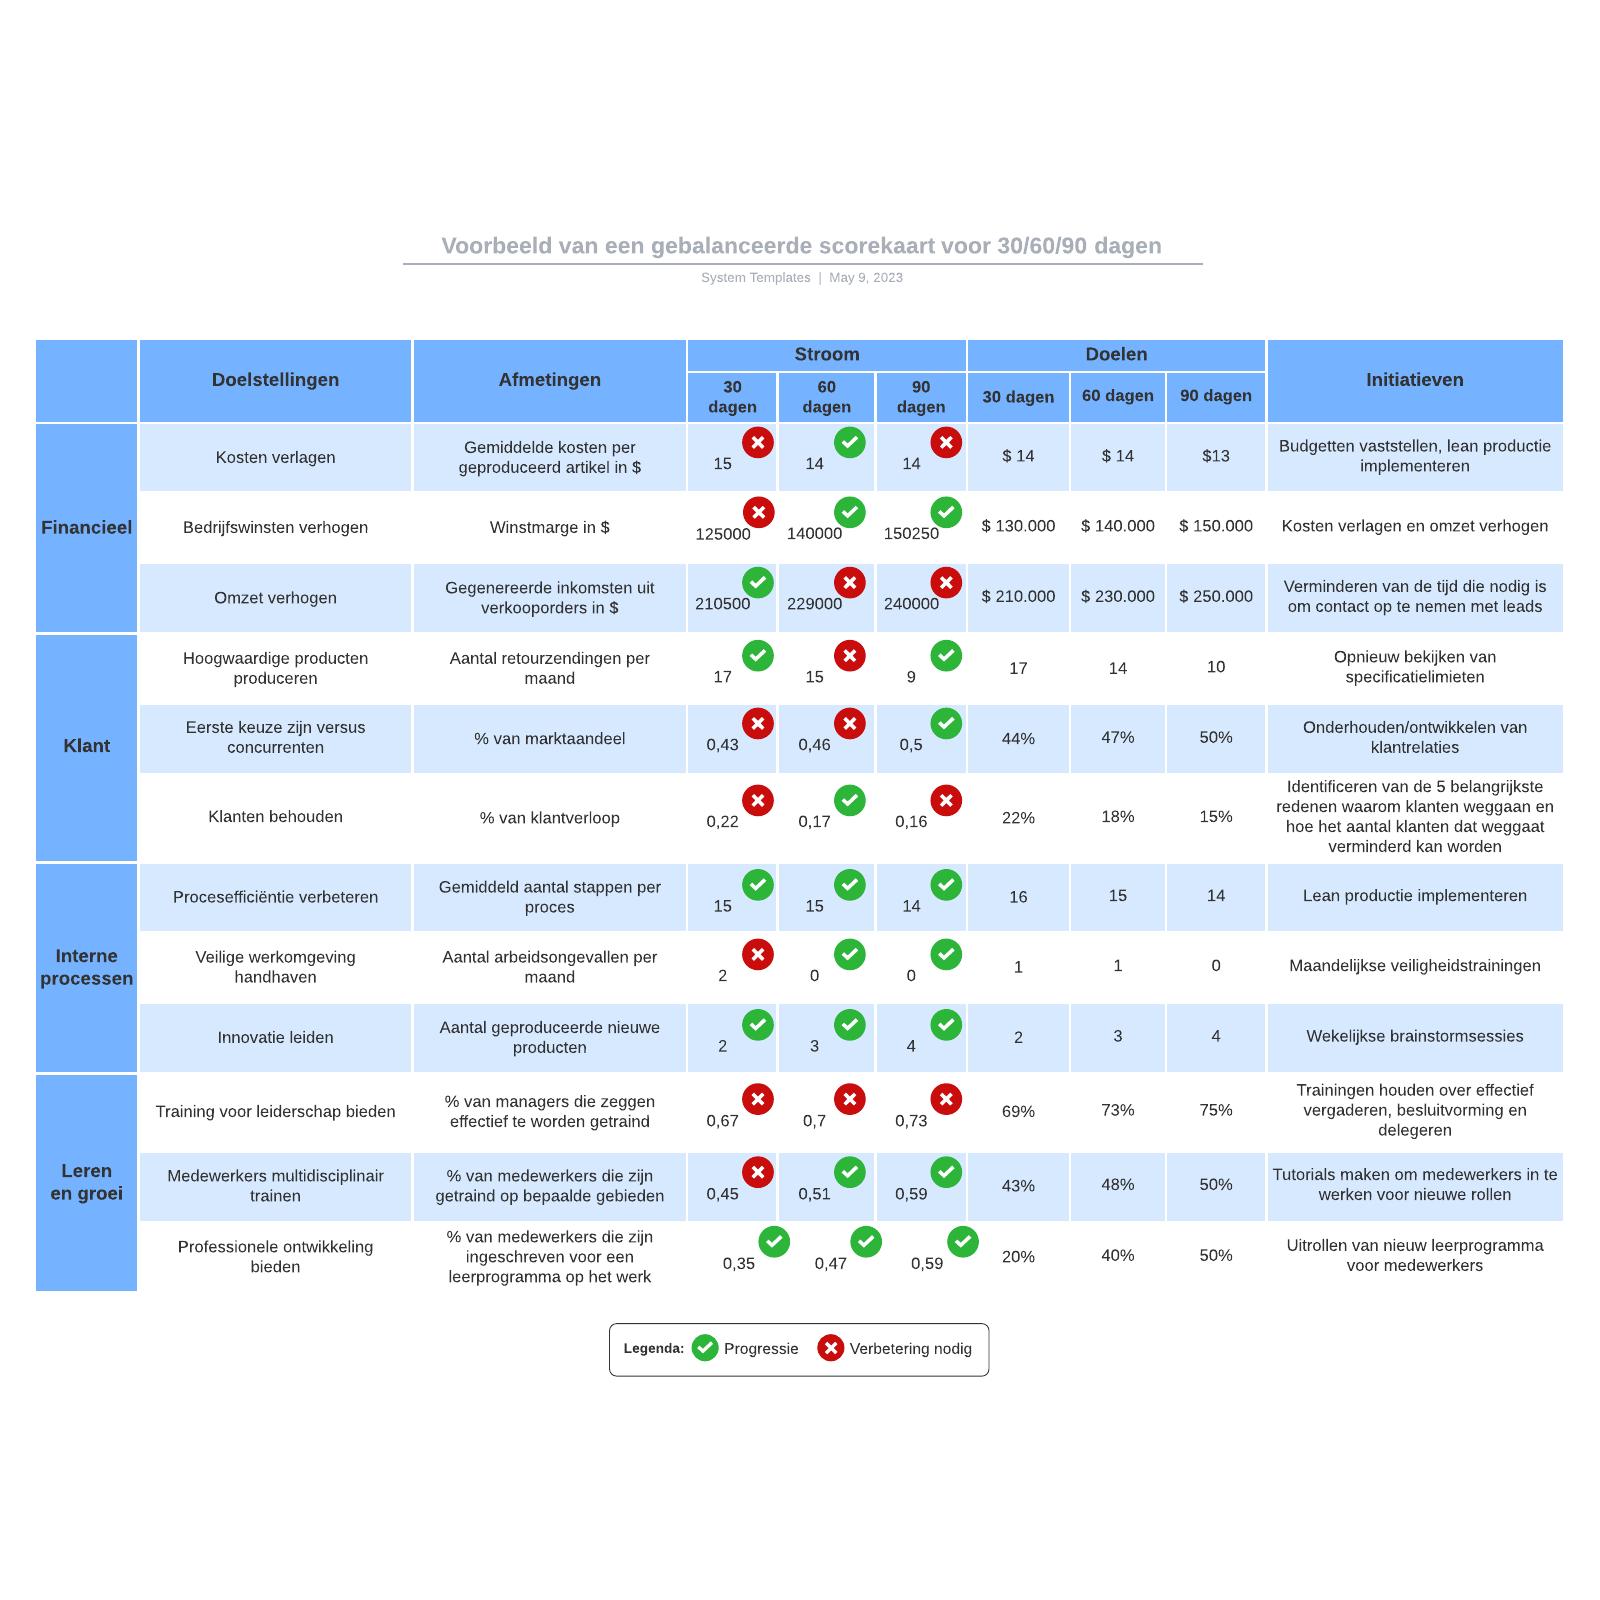 Voorbeeld van een gebalanceerde scorekaart voor 30/60/90 dagen